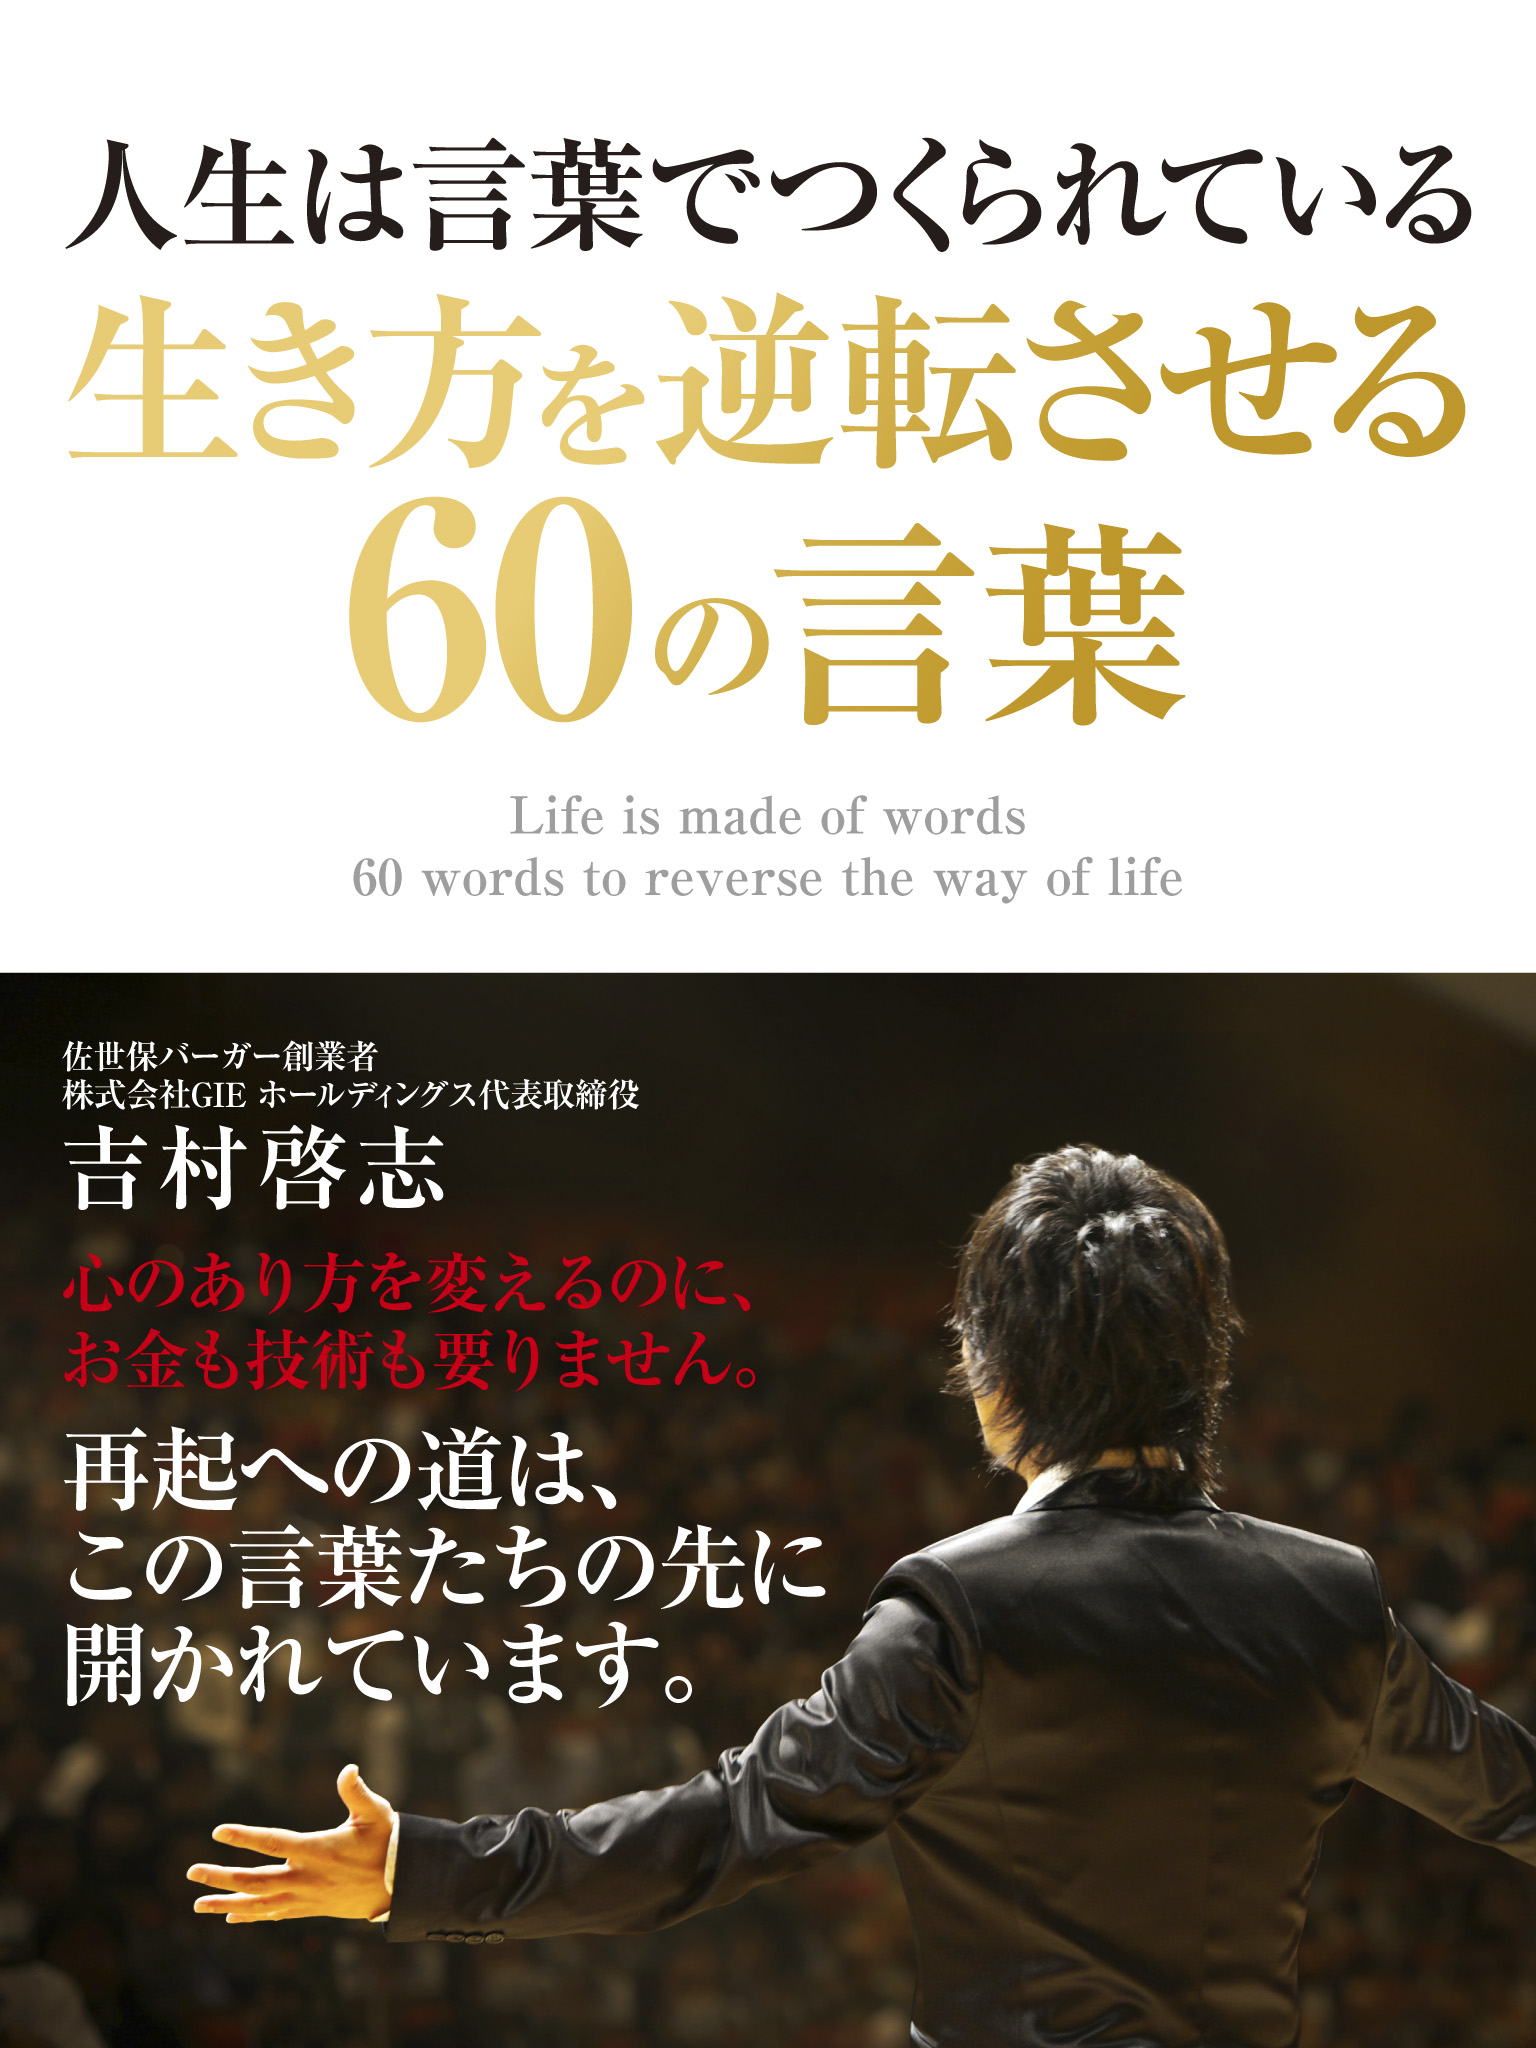 人生は言葉でつくられている 生き方を逆転させる60の言葉